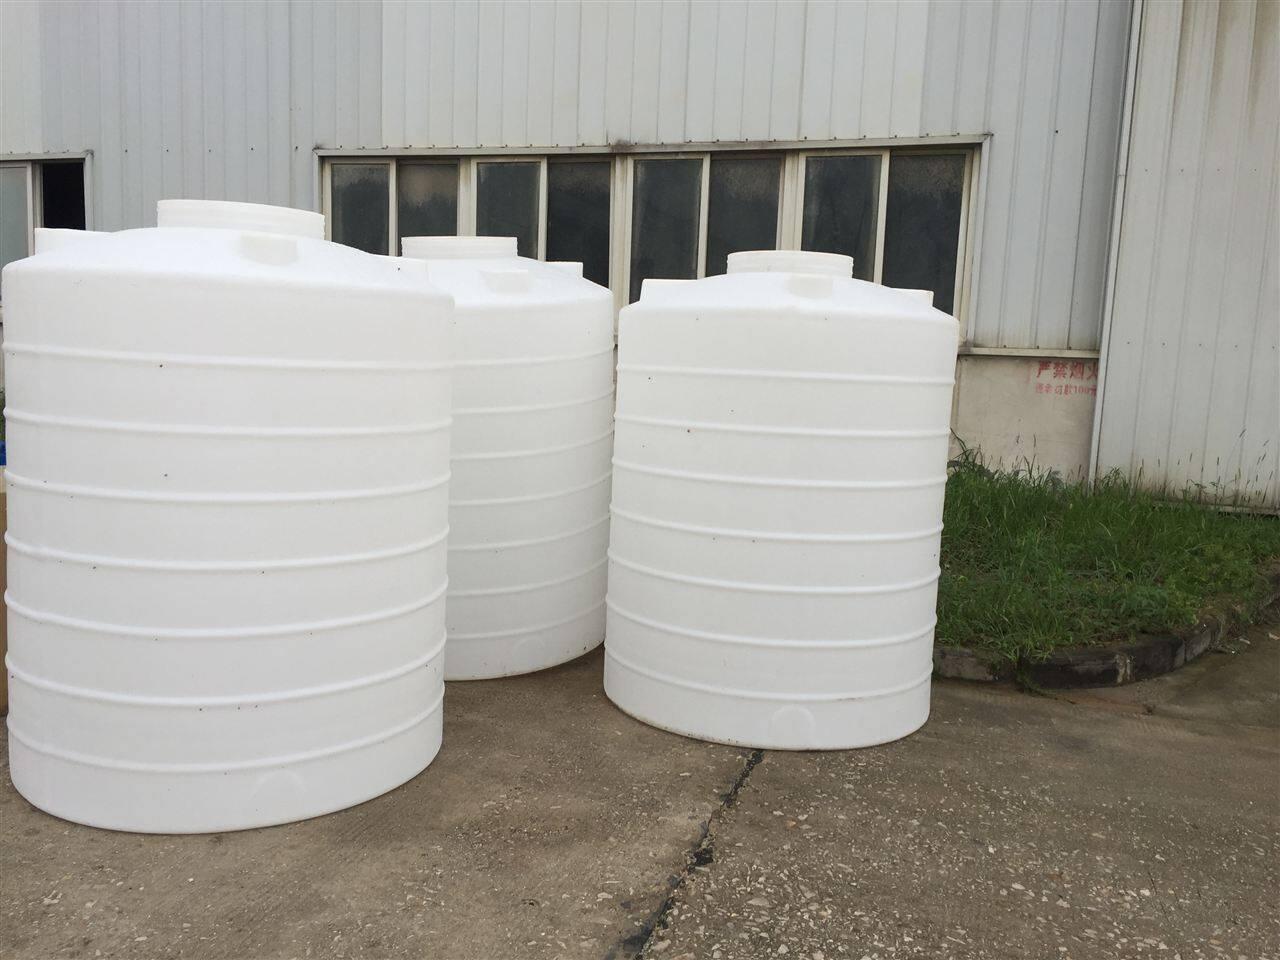 那就武汉诺顺吧,武汉诺顺塑业是专业生产各种塑料系列水箱,水塔,圆桶